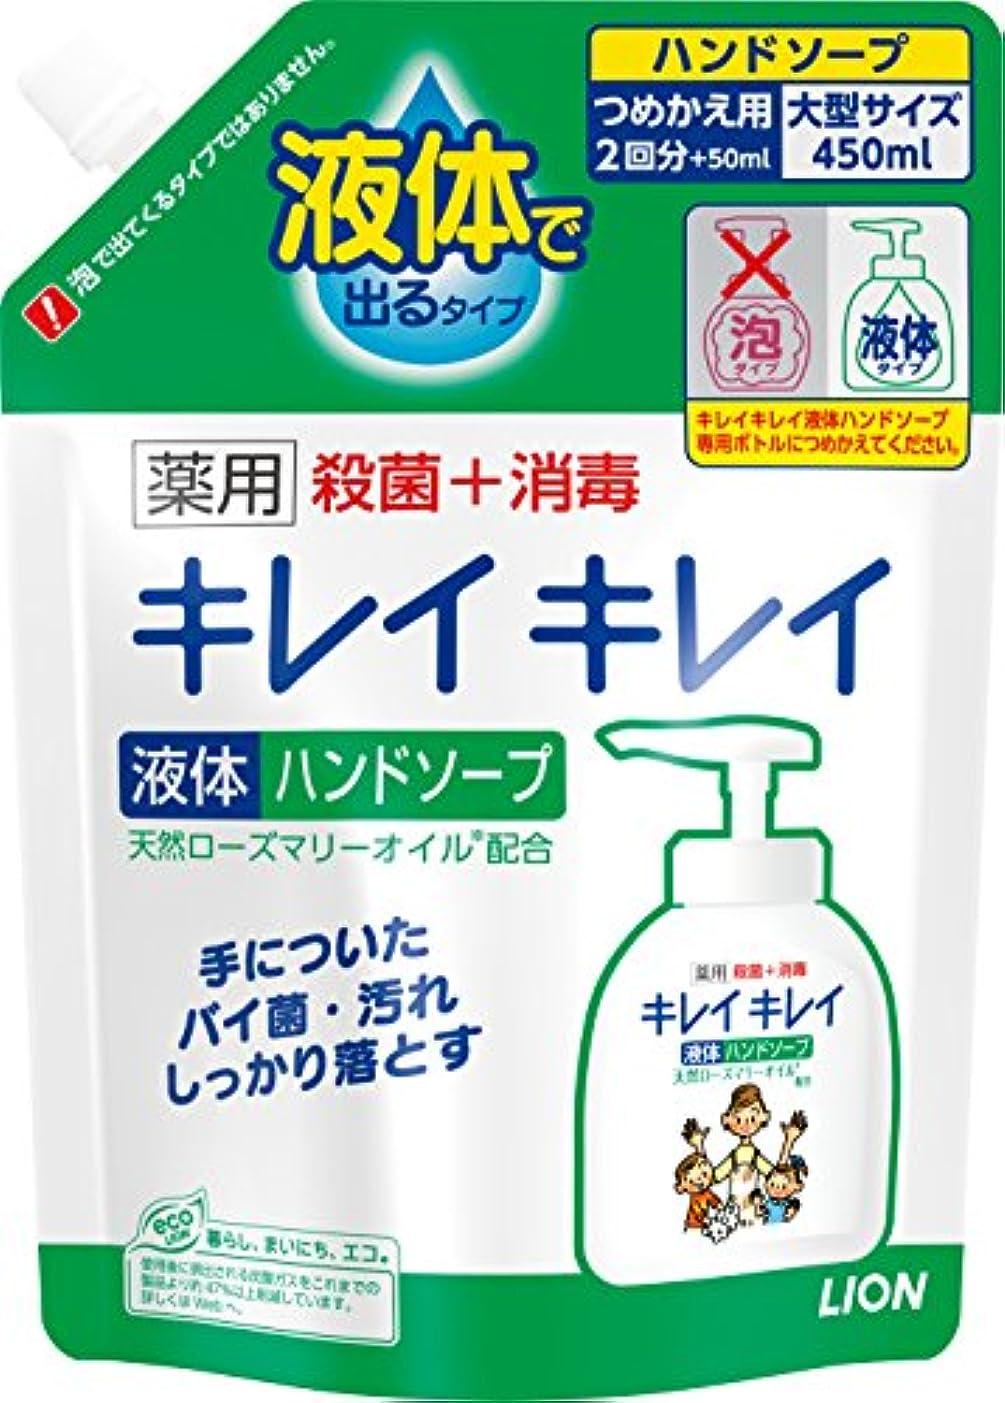 ごめんなさい最愛の行キレイキレイ 薬用 液体ハンドソープ 詰め替え 450ml(医薬部外品)